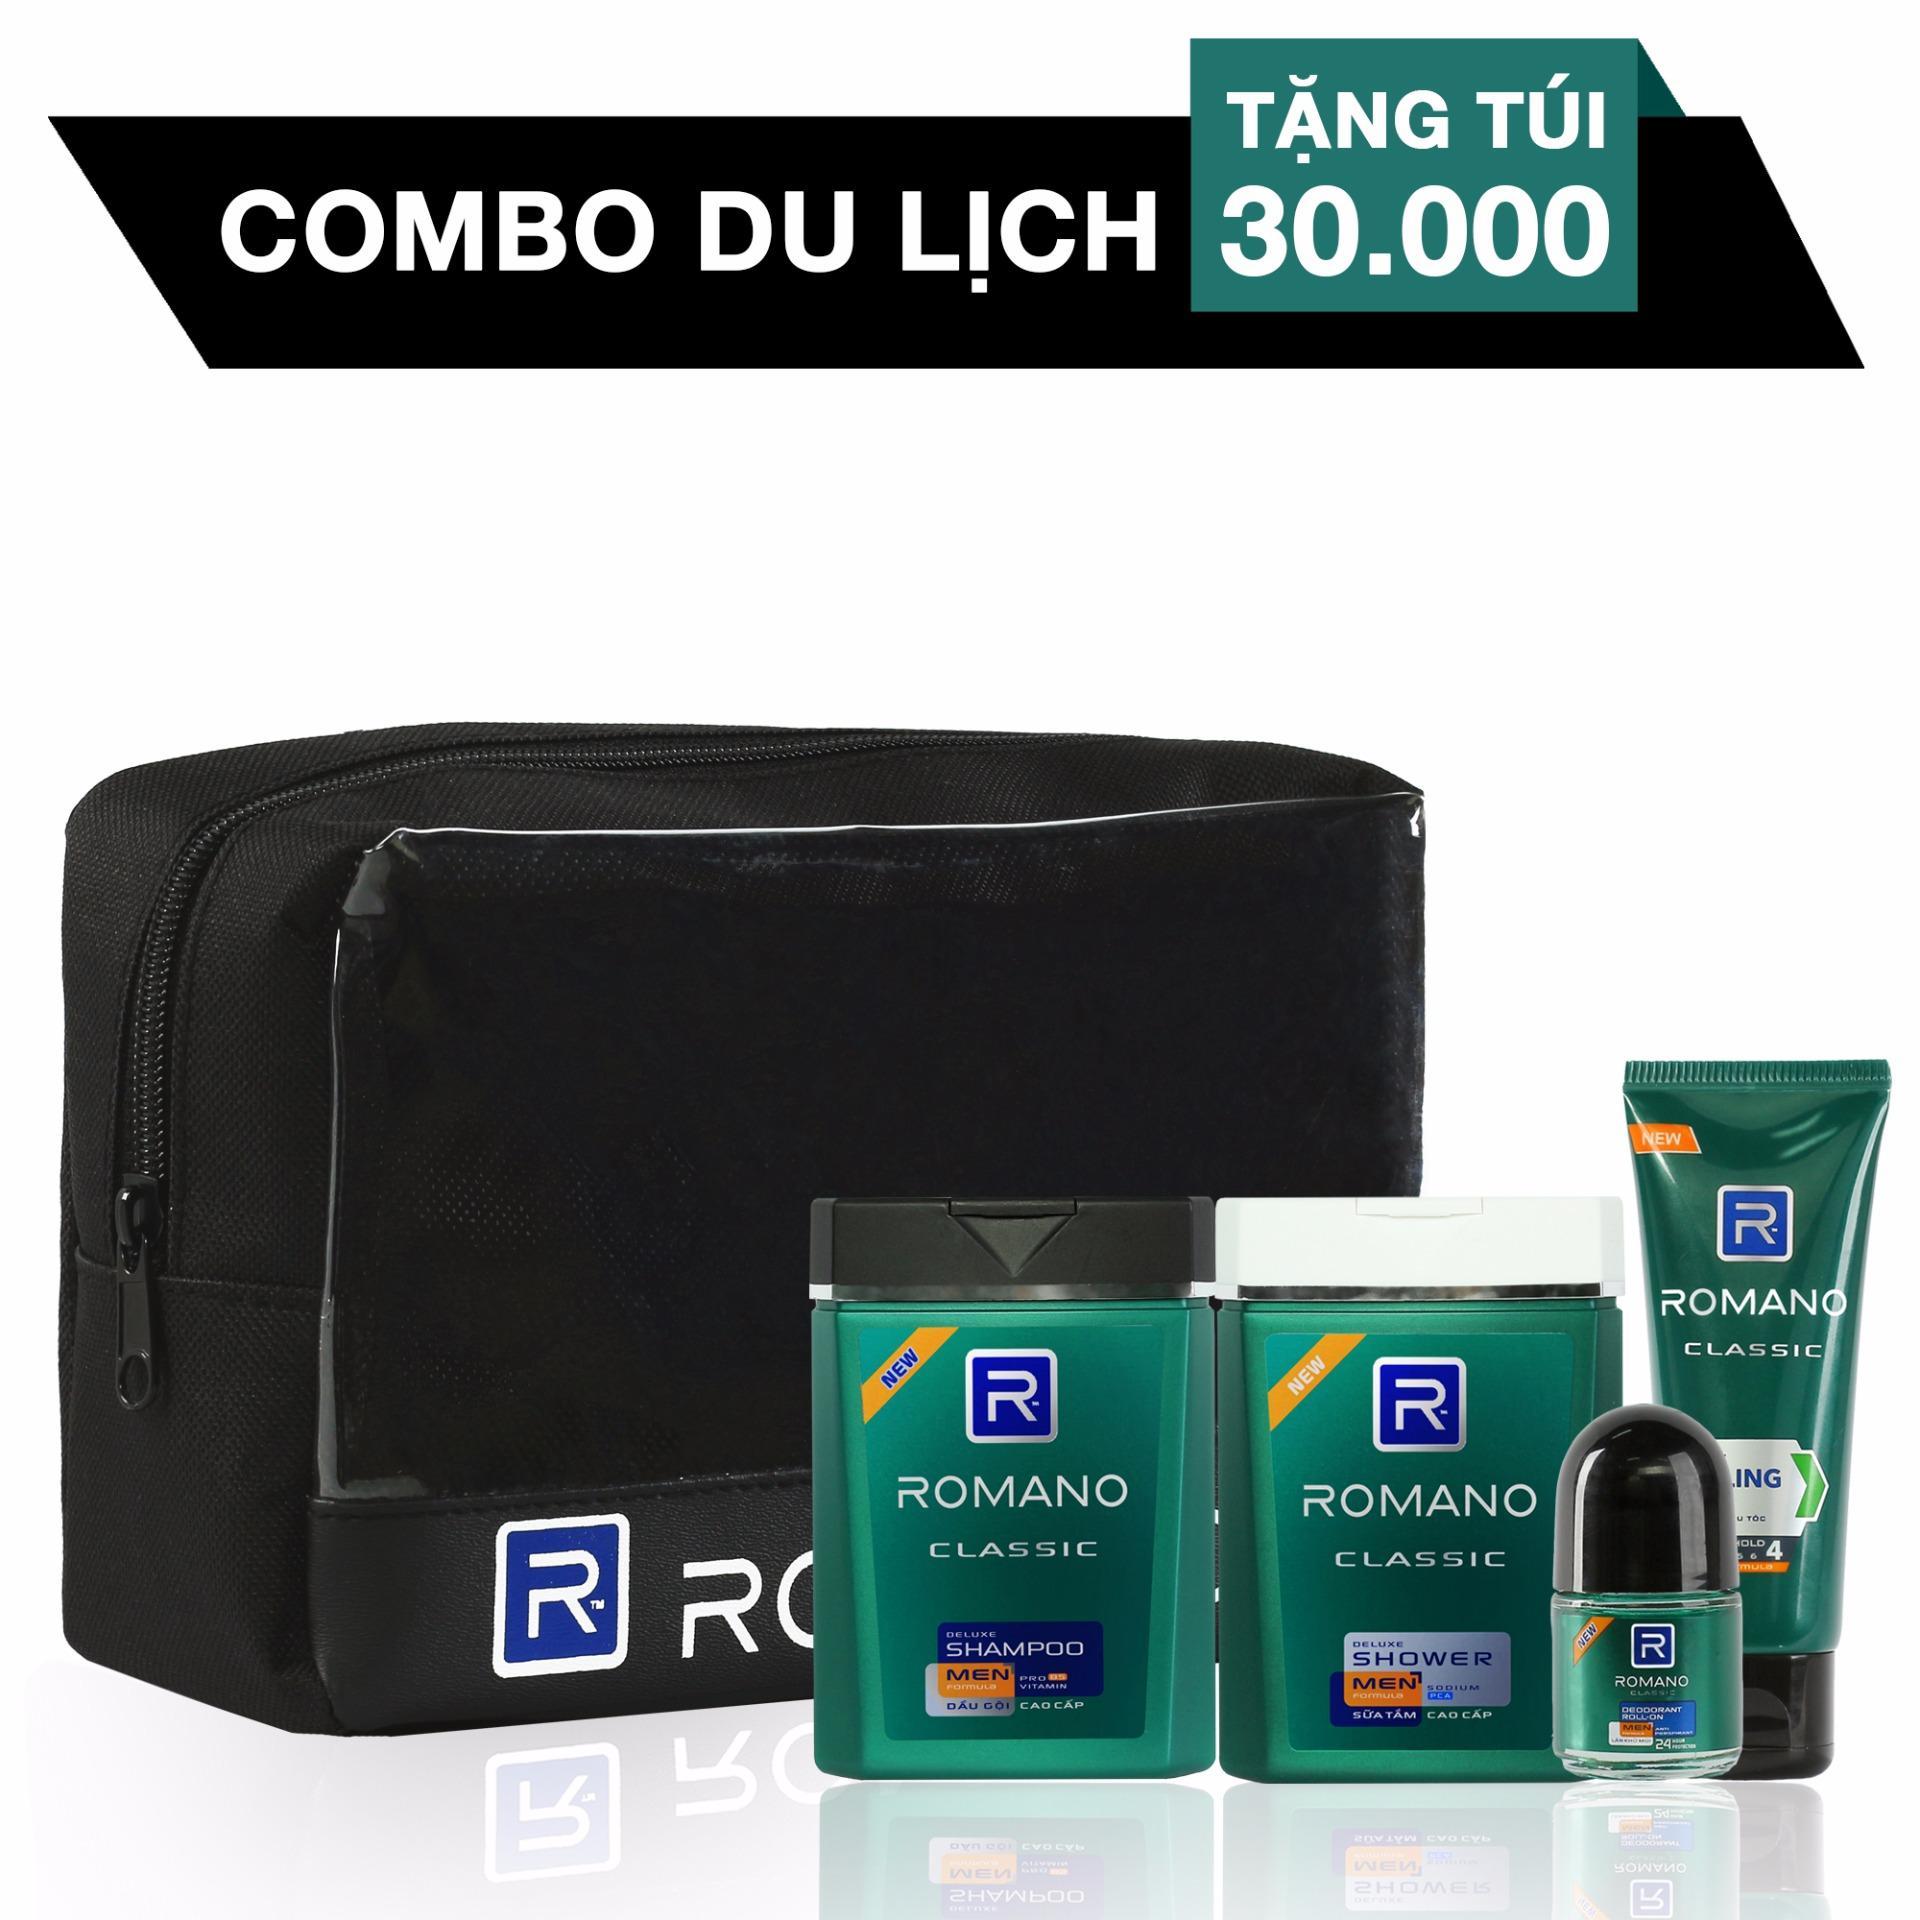 Giảm giá Combo Travel Kit Romano Classic: Dầu Gội 100g + Sữa tắm 100g + Gel tạo kiểu tóc 50g + Lăn khử mùi 20ml (tặng kèm túi Du Lịch Tiện Lợi)